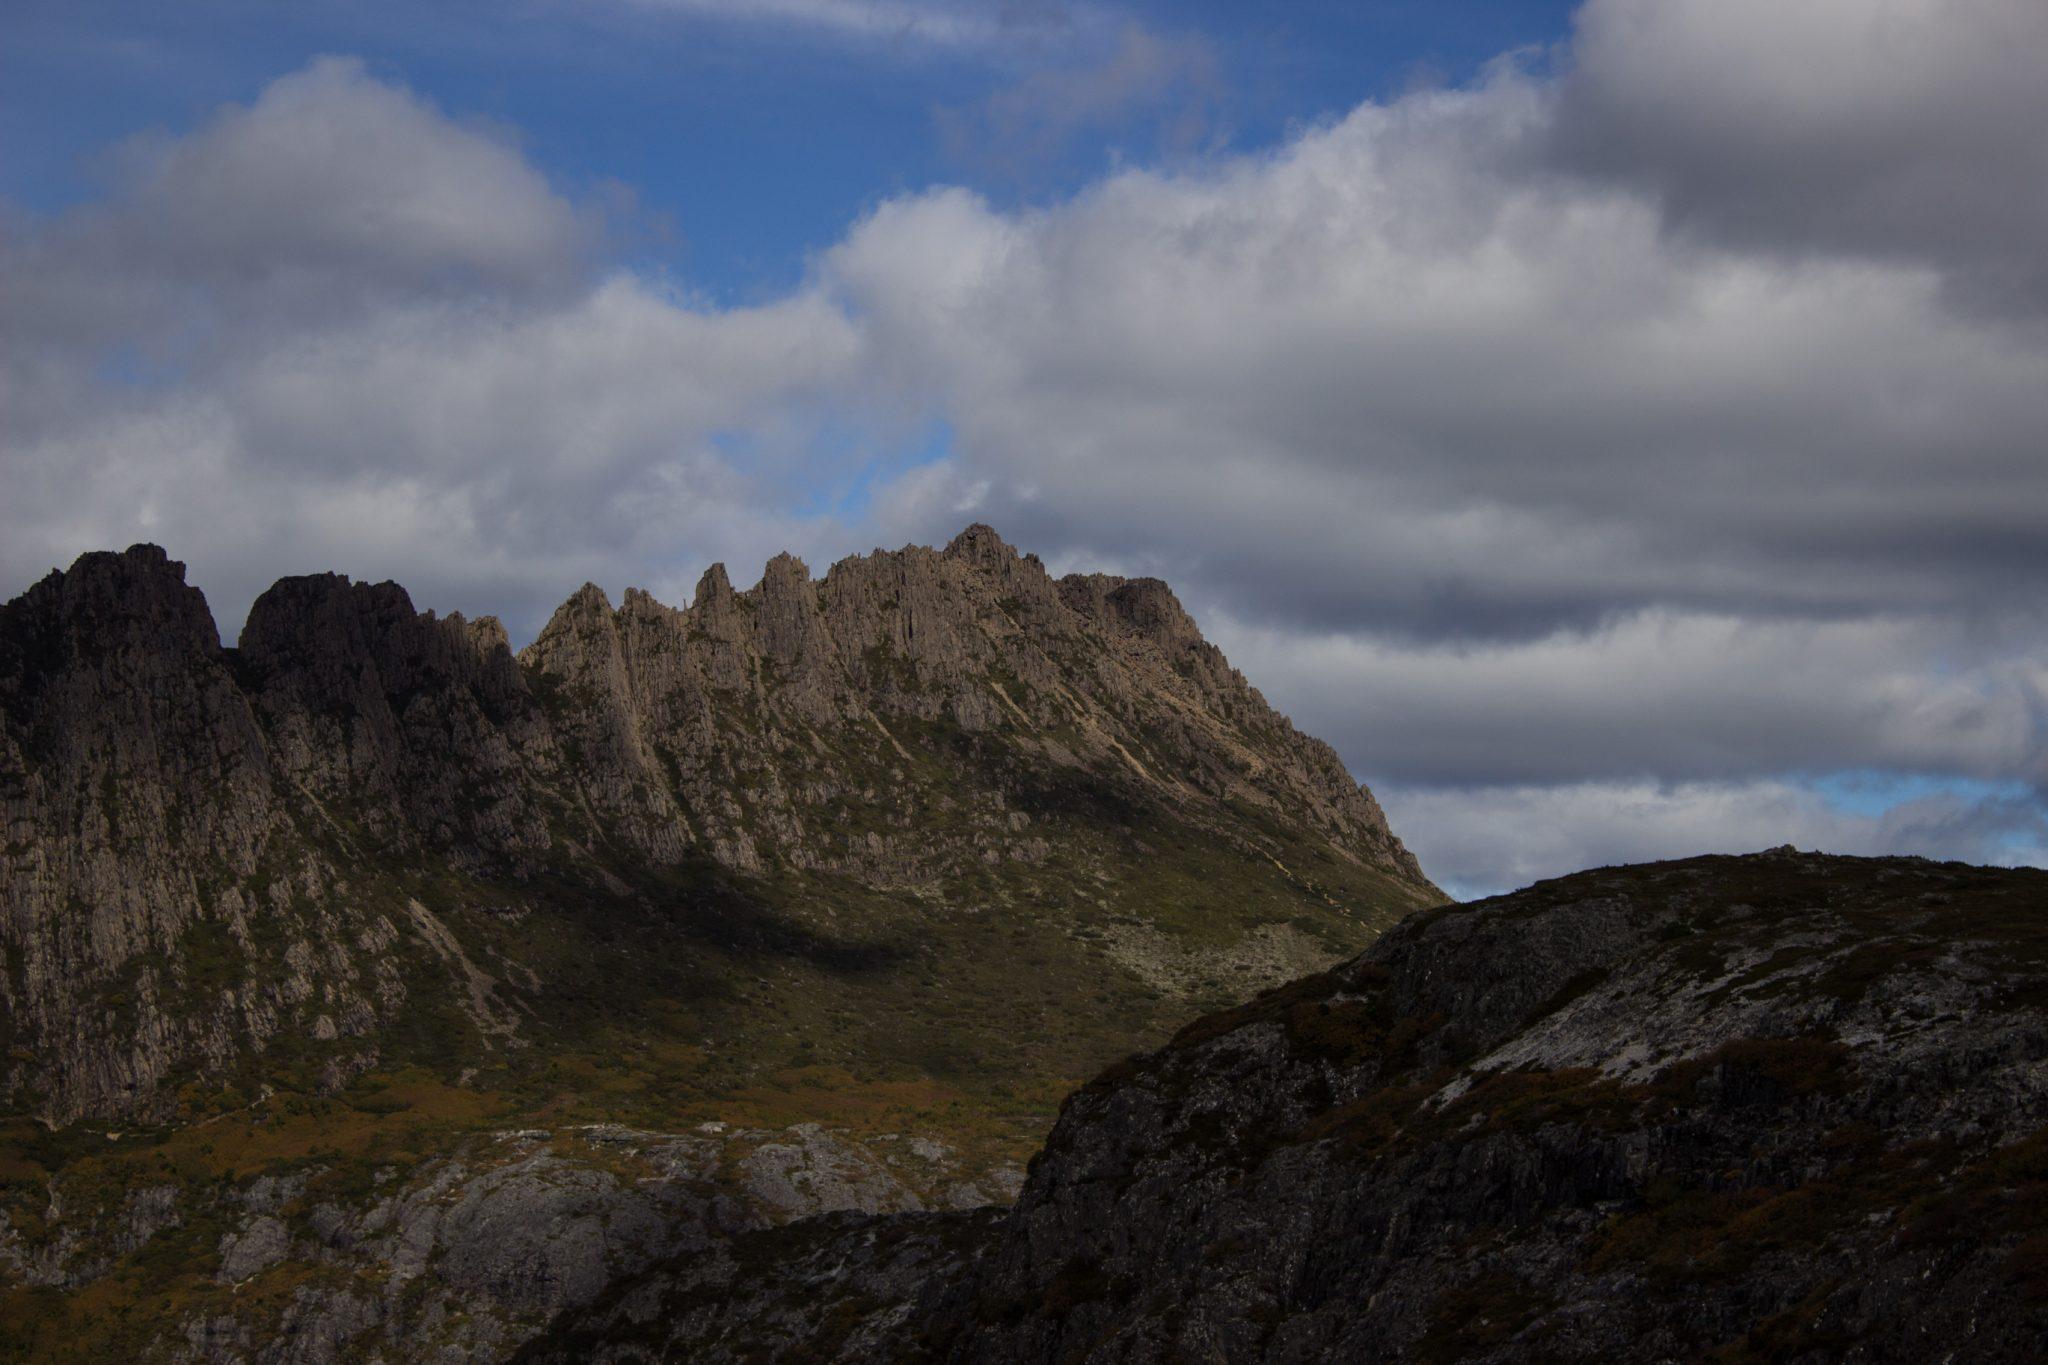 Ronny Creek bis Marions Lookout, Aussichtspunkt, Wanderung Overland Track im Cradle Mountain Lake St. Clair National Park, raue Gebirgslandschaft, schöner See, Ende des Sommers in Tasmanien, Aussicht auf atemberaubende schöne Berggipfel